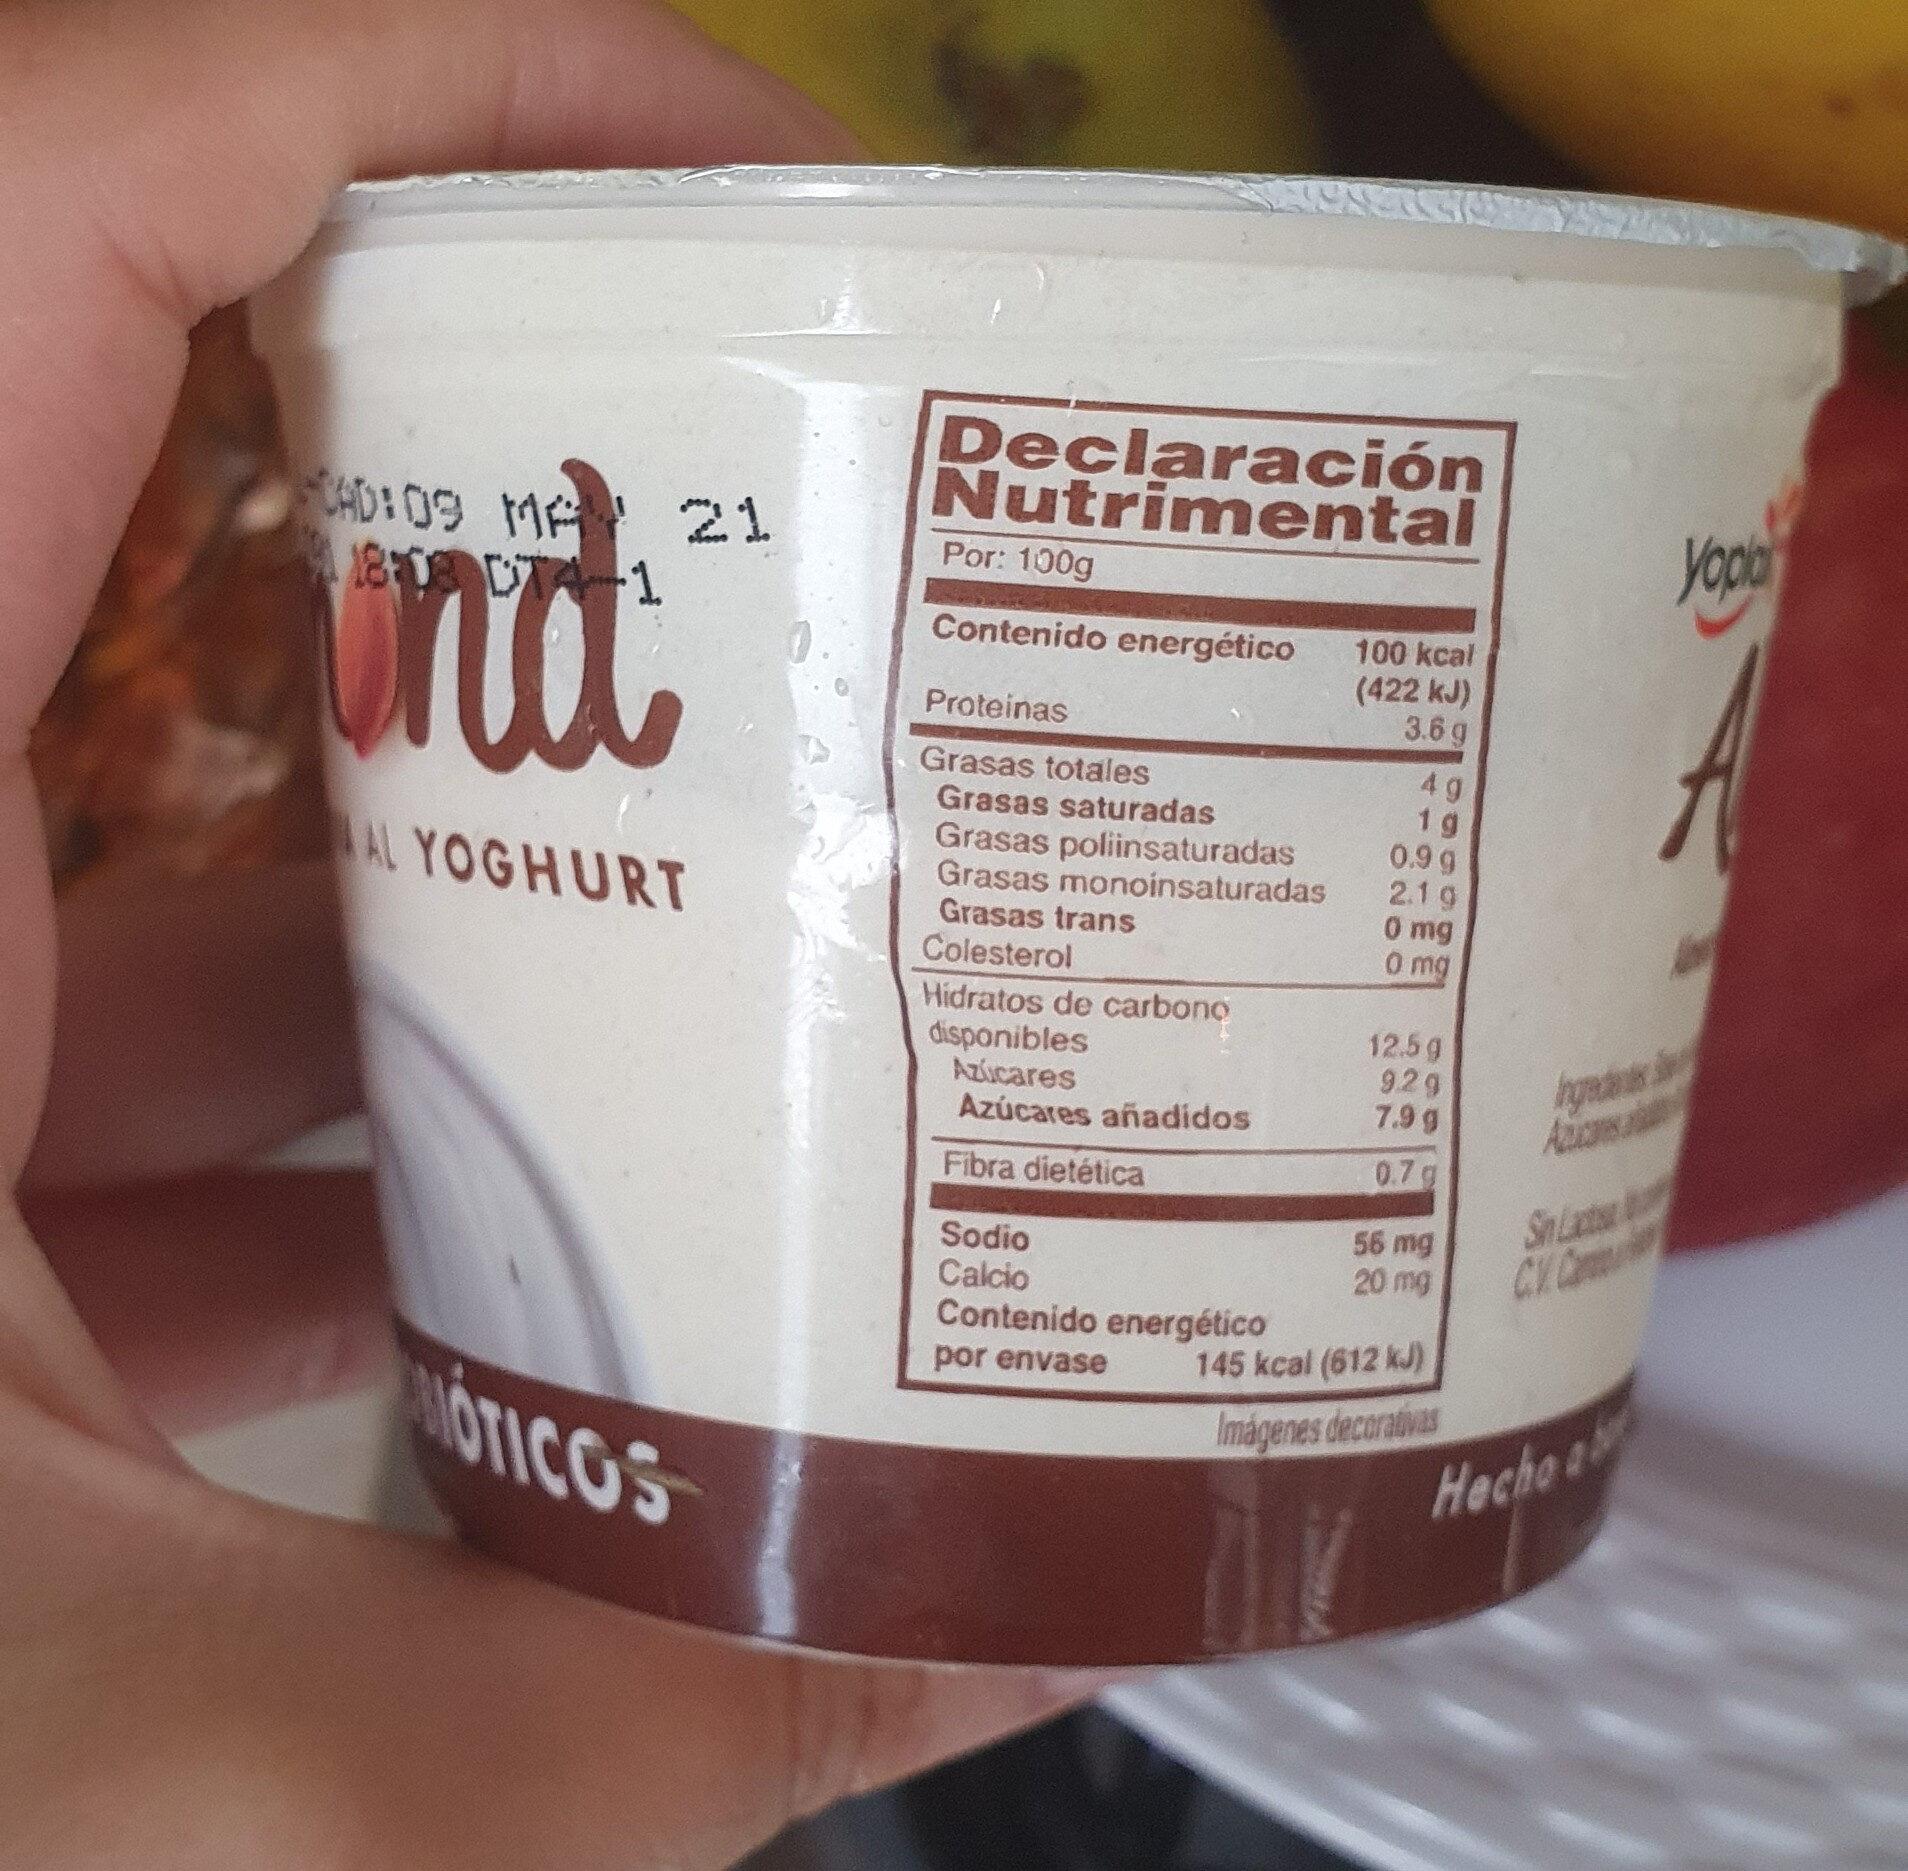 Yogurt almendra - Información nutricional - en